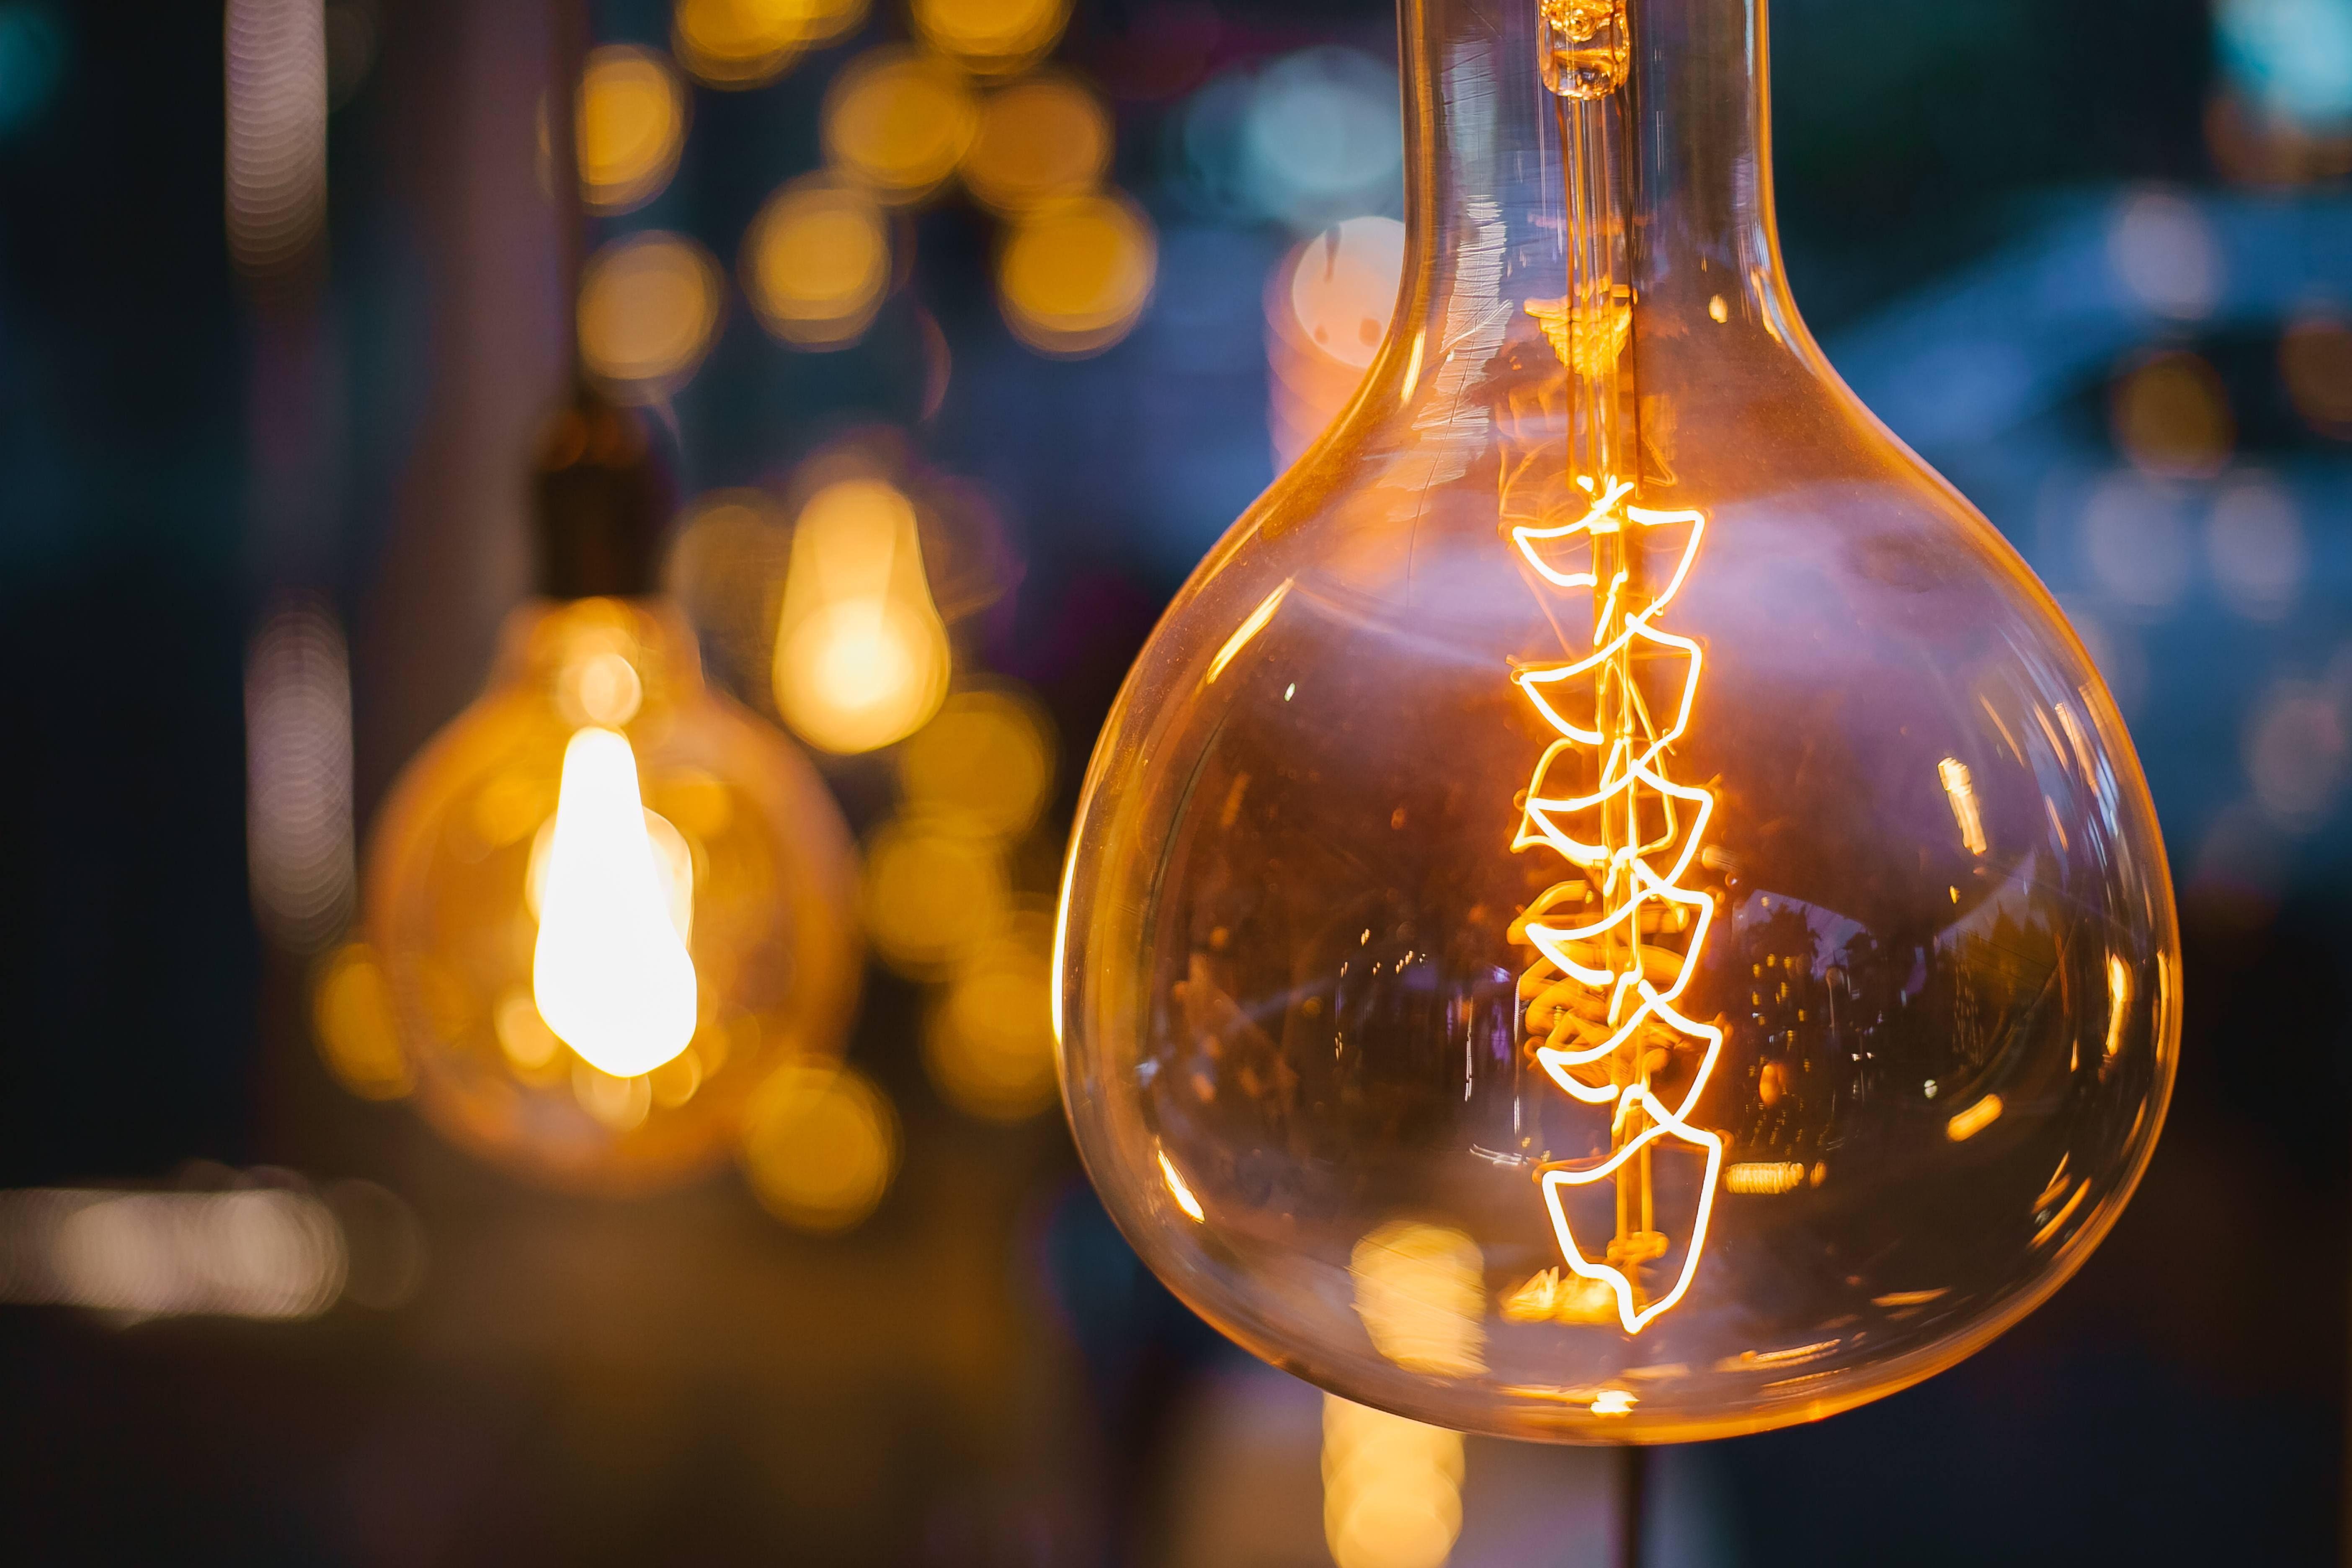 Bilde av en lyspære